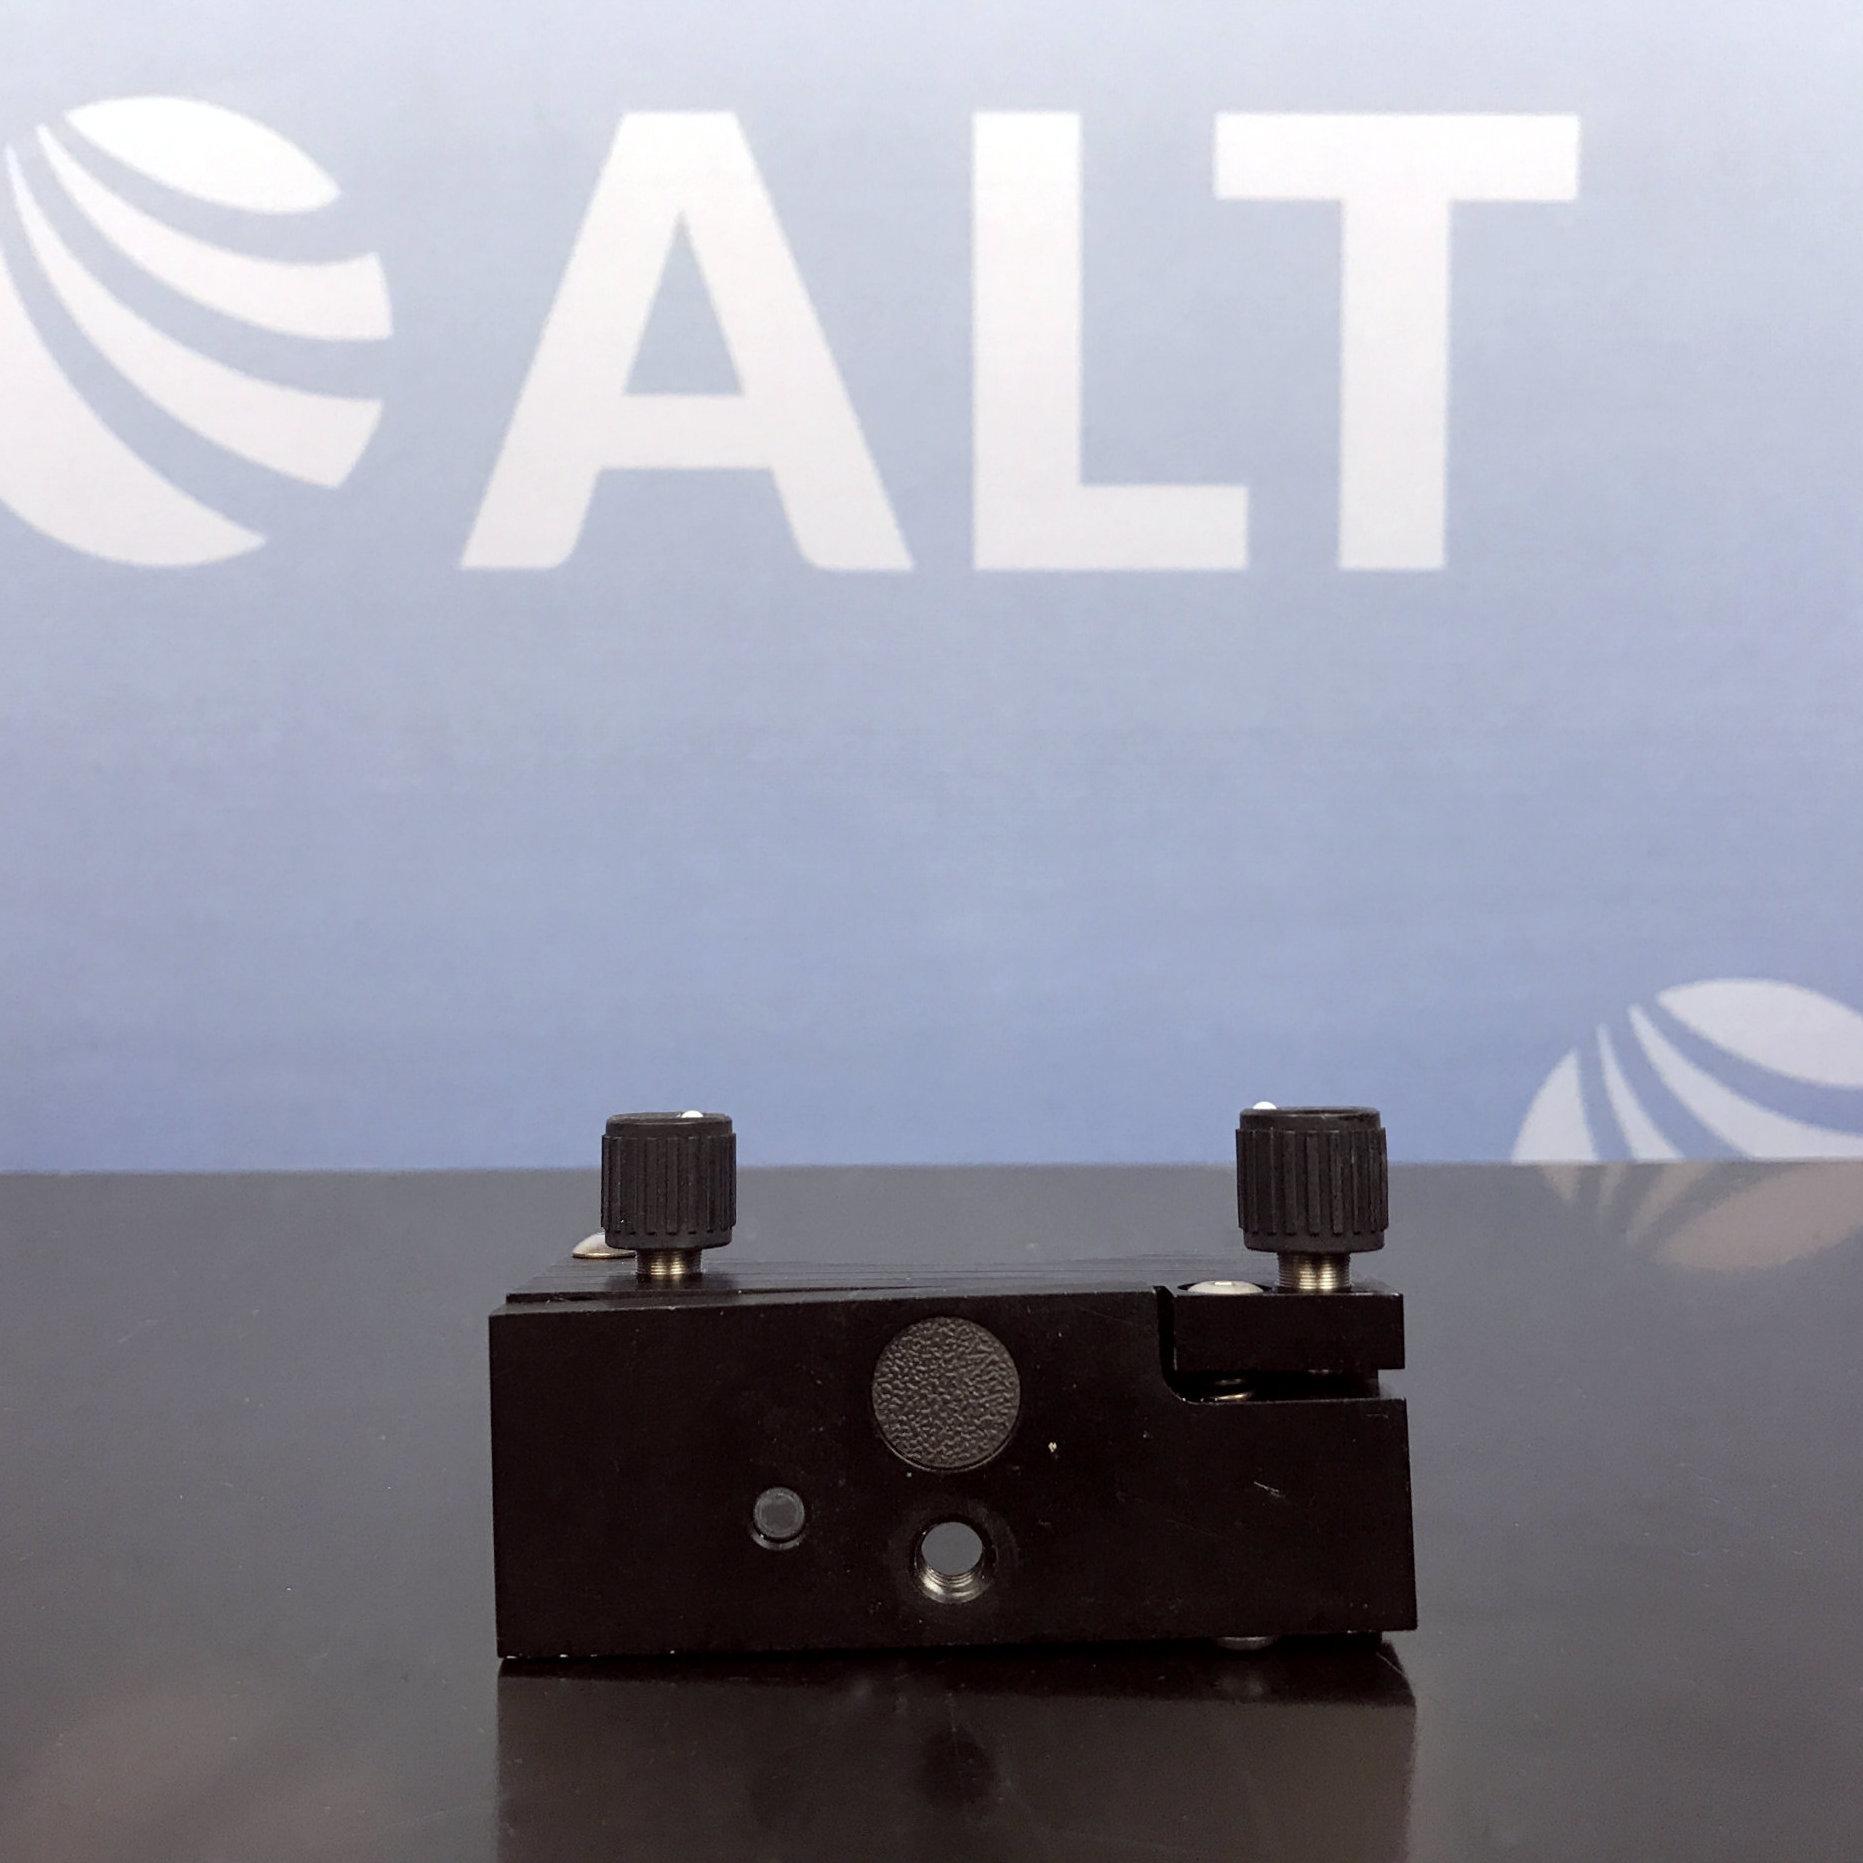 Newport GM-2 Gimbal Mount Optical Mirror Tip / Tilt Image